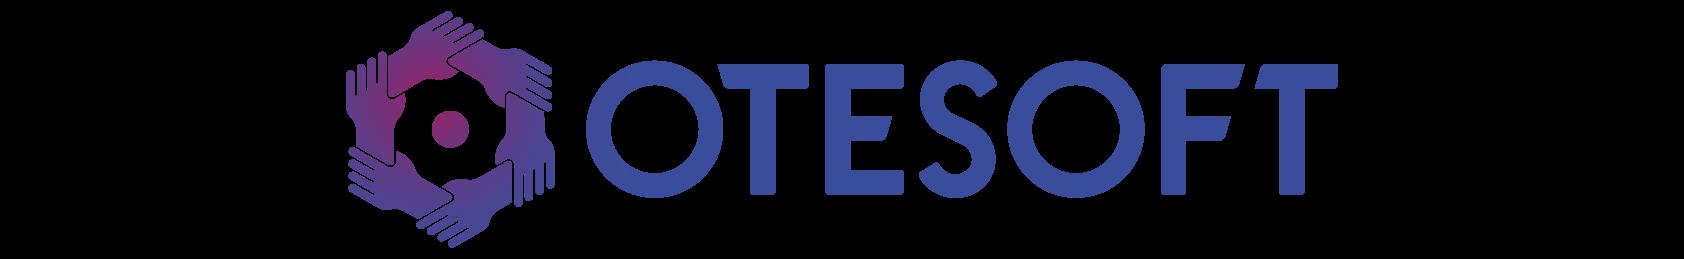 Otesoft